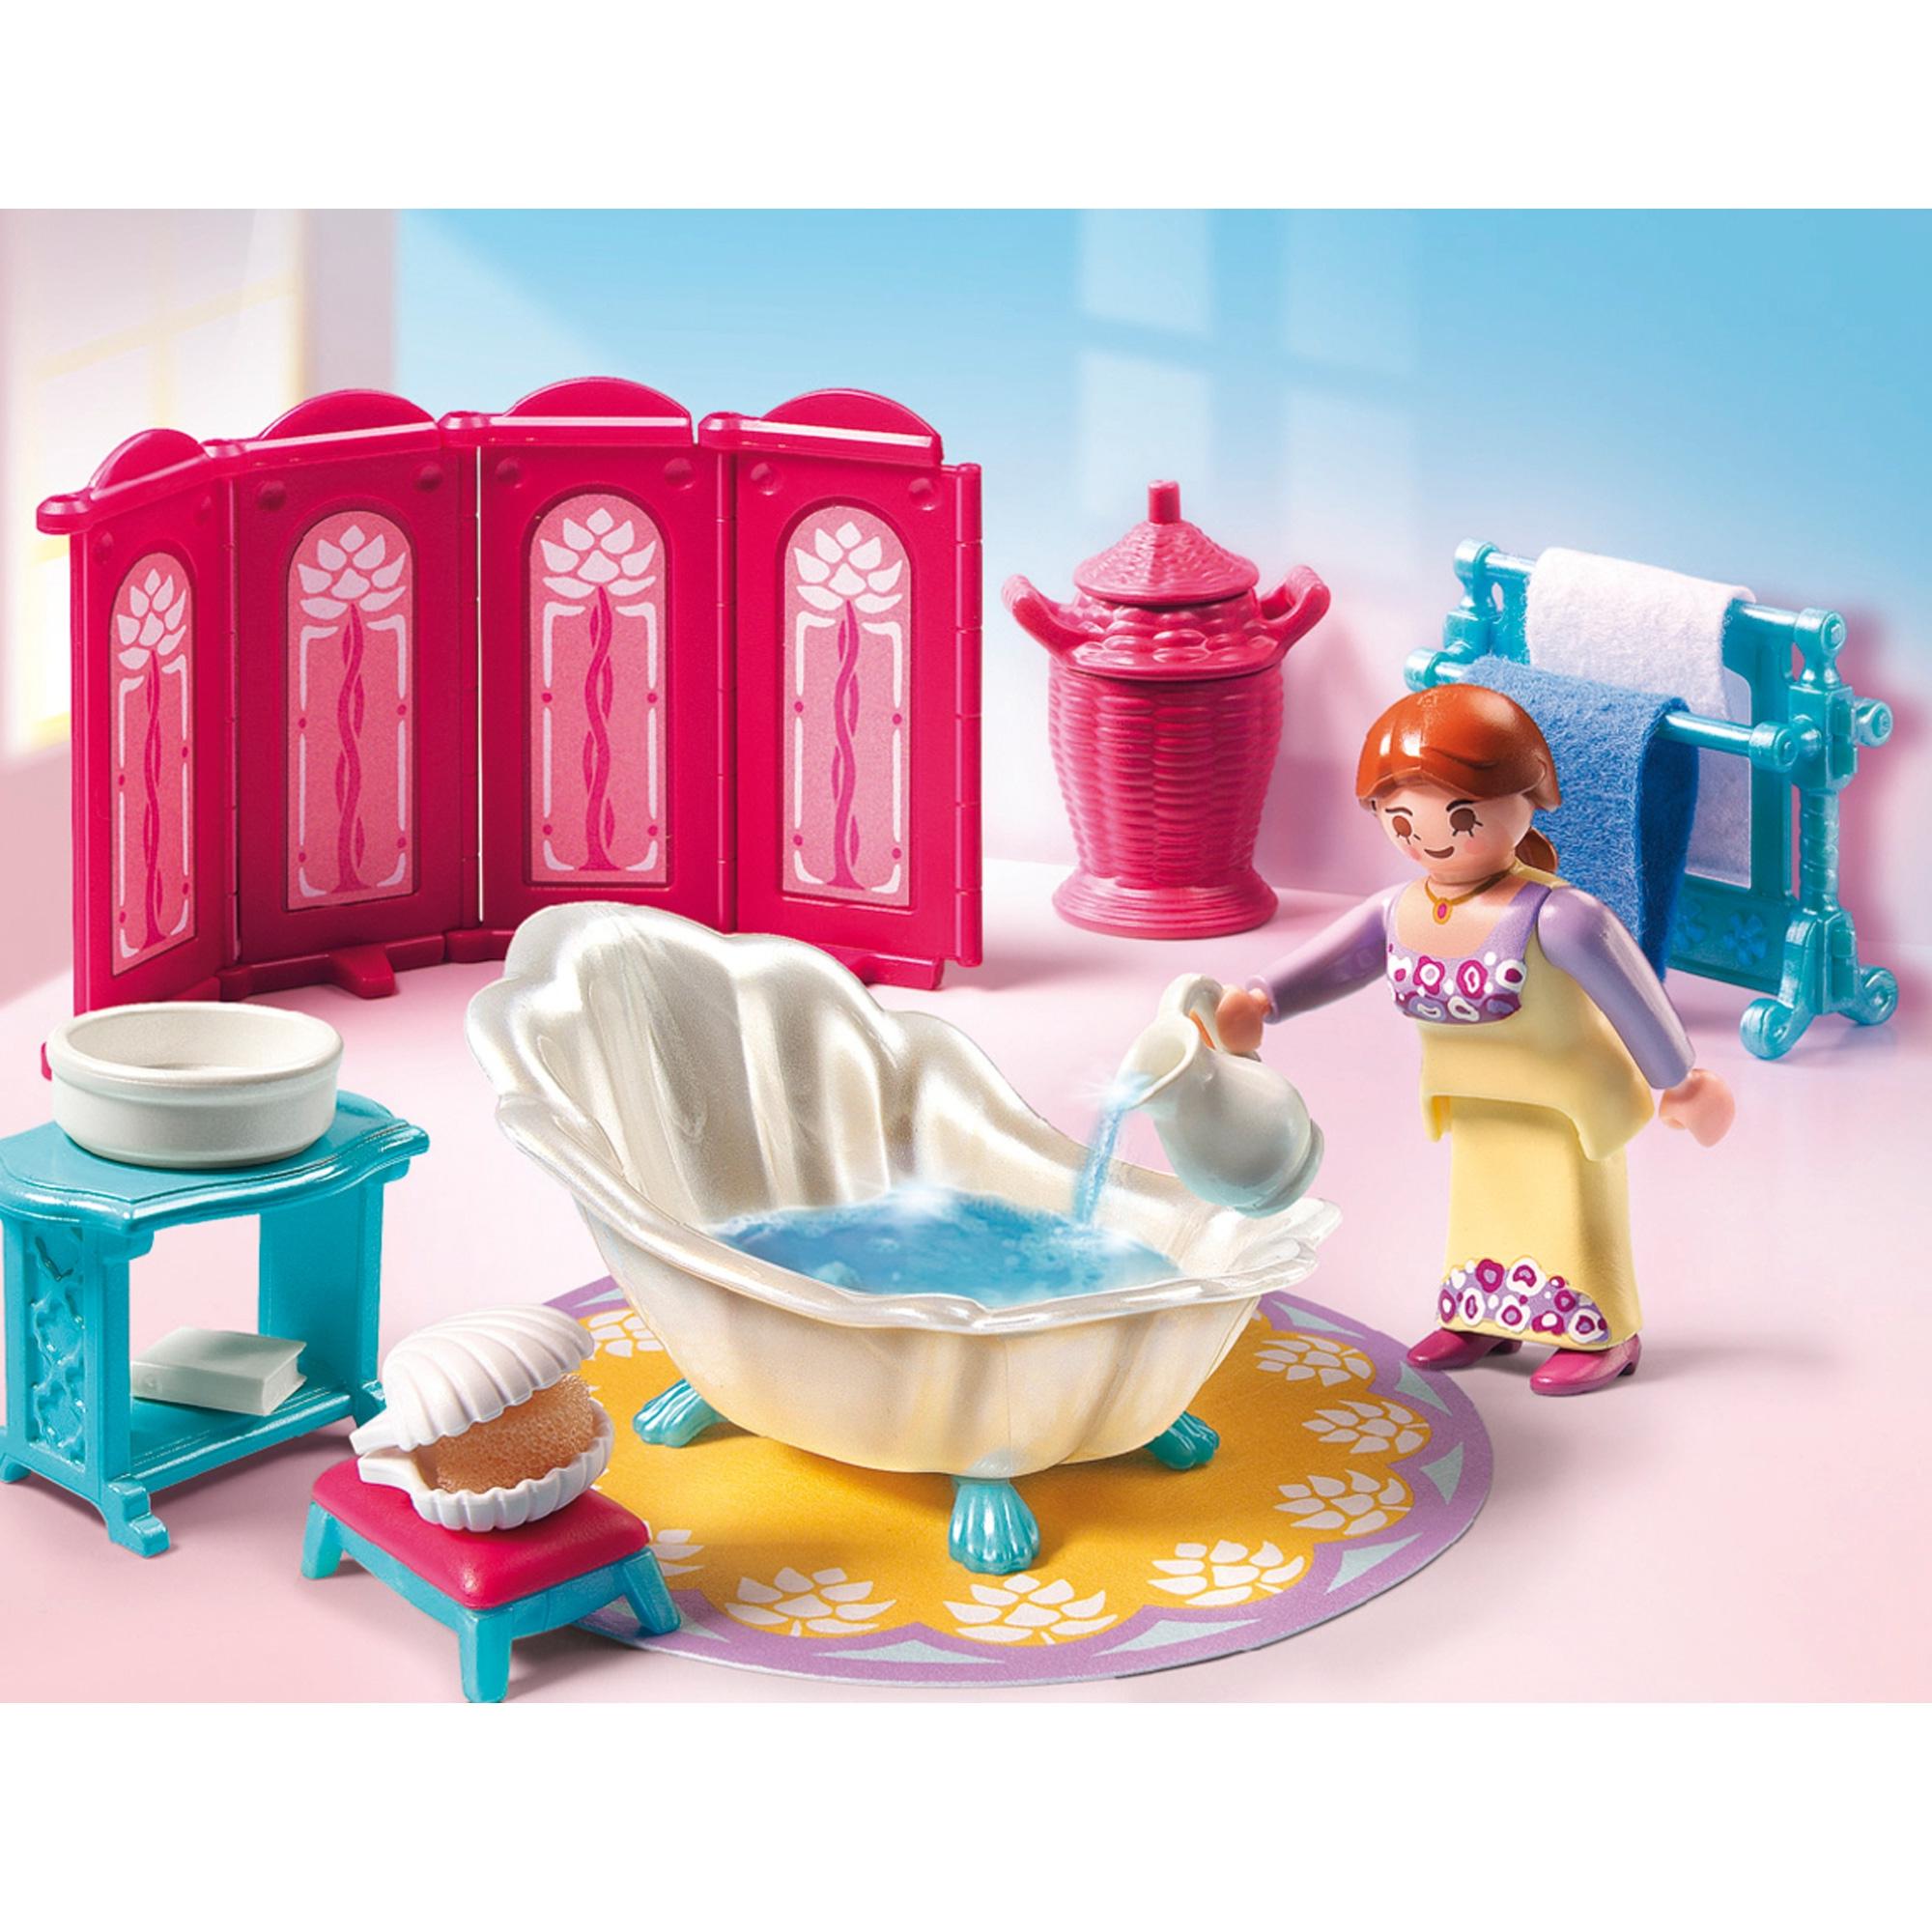 La servante prépare la baignoire pour la princesse